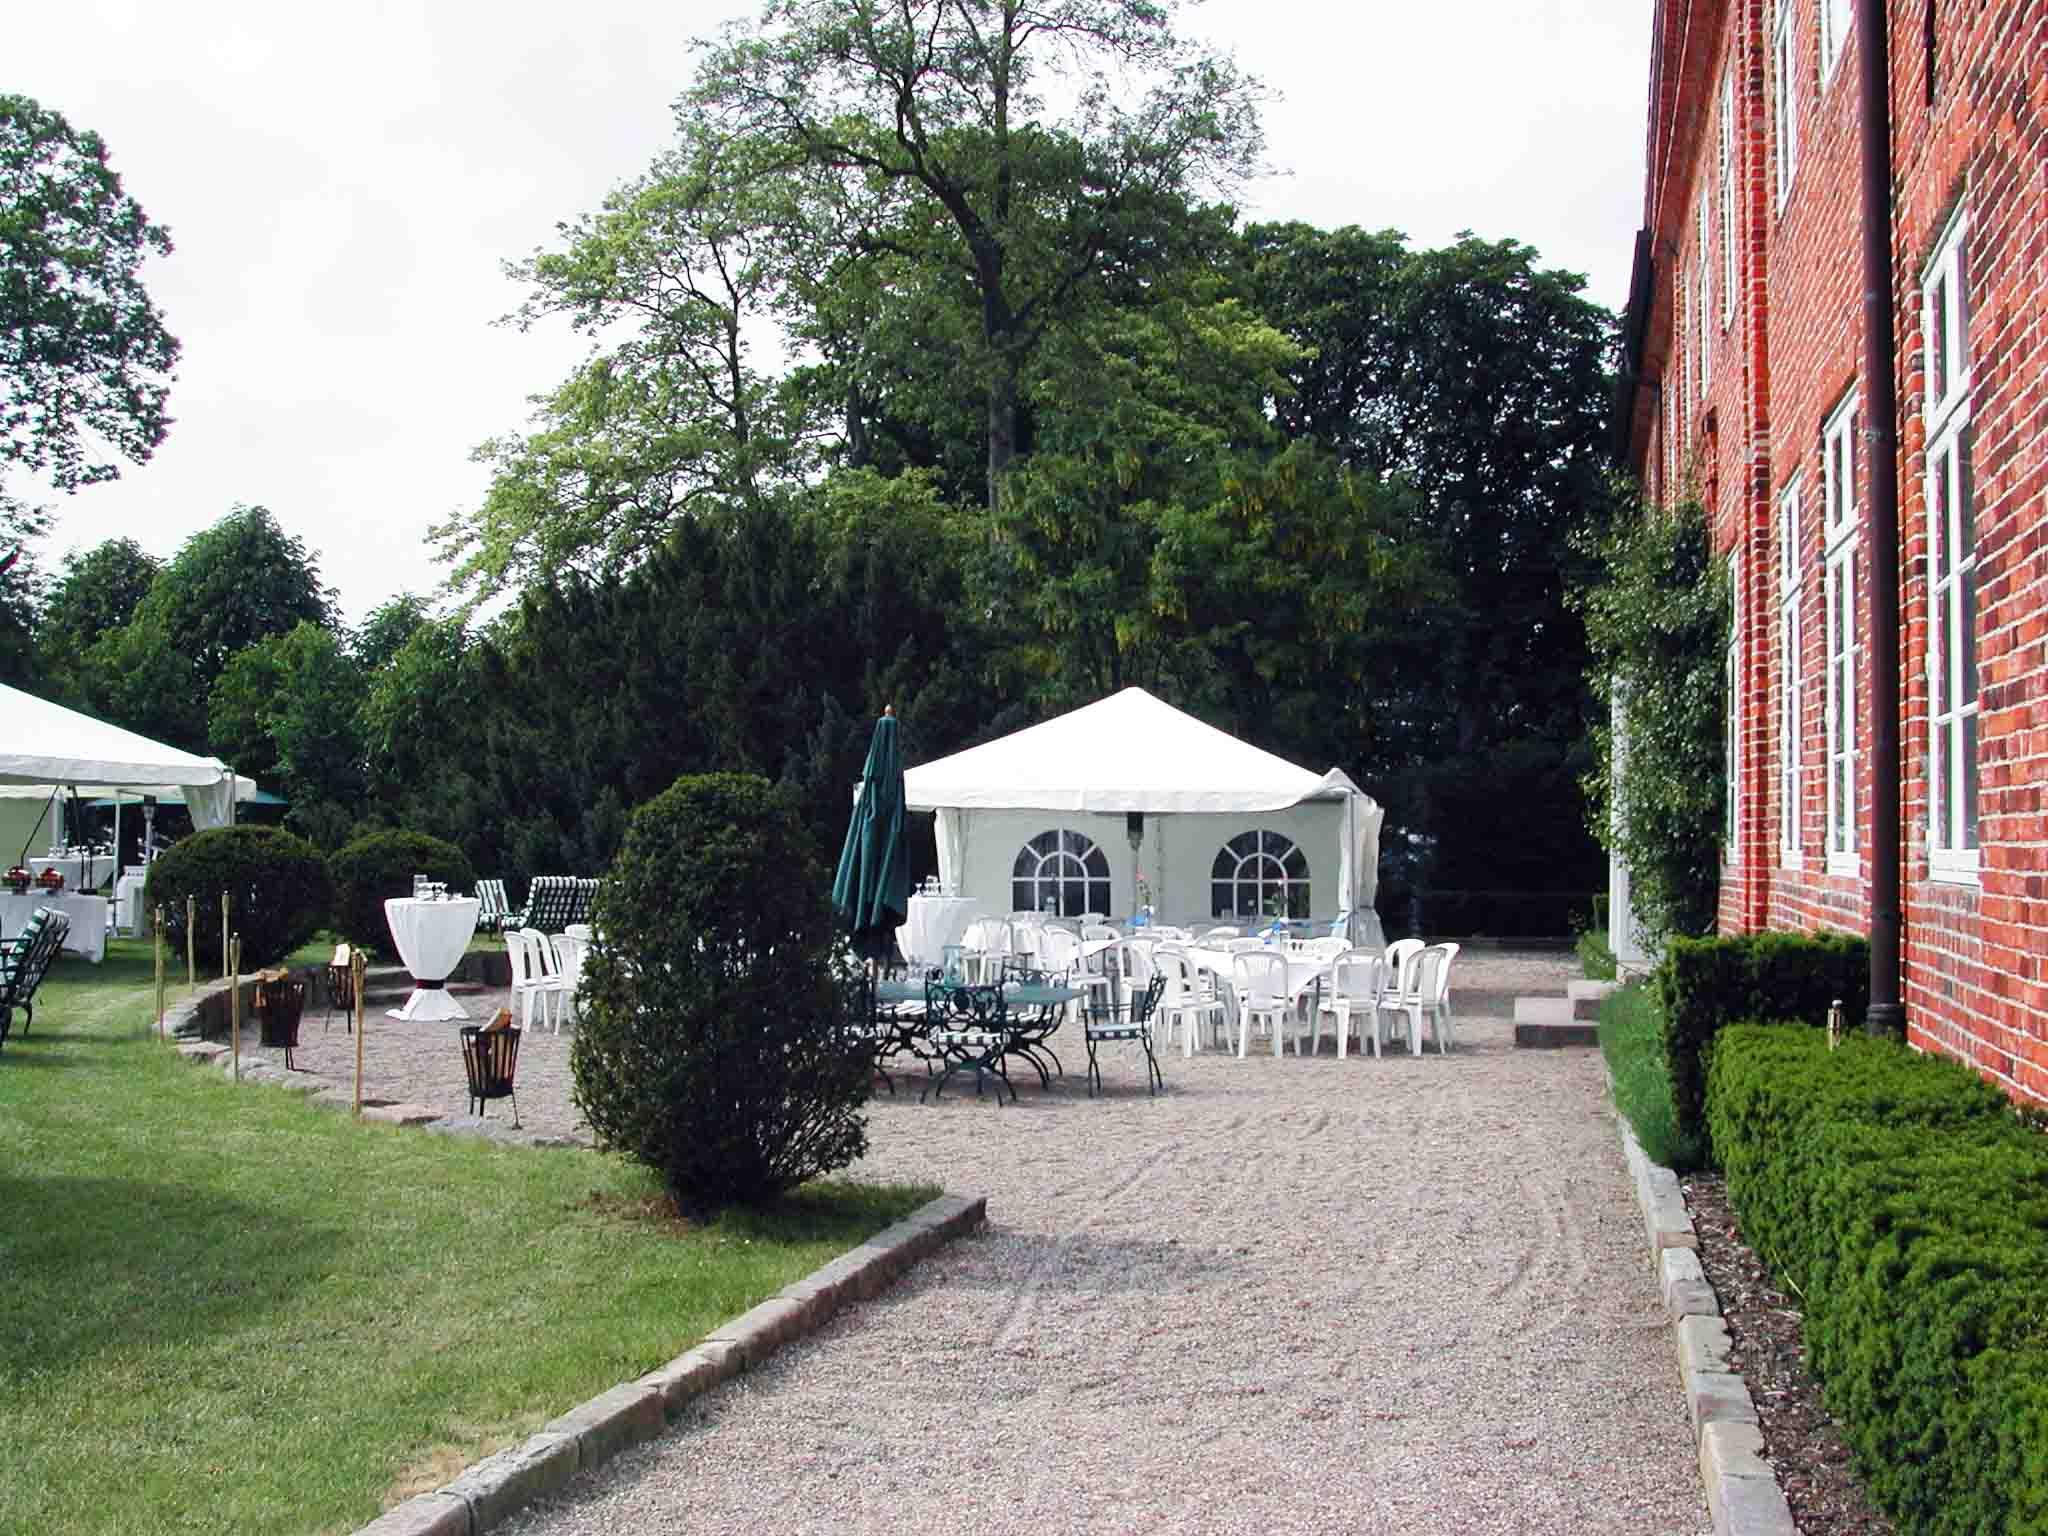 Herrenhaus Borghorst Tagungen Park